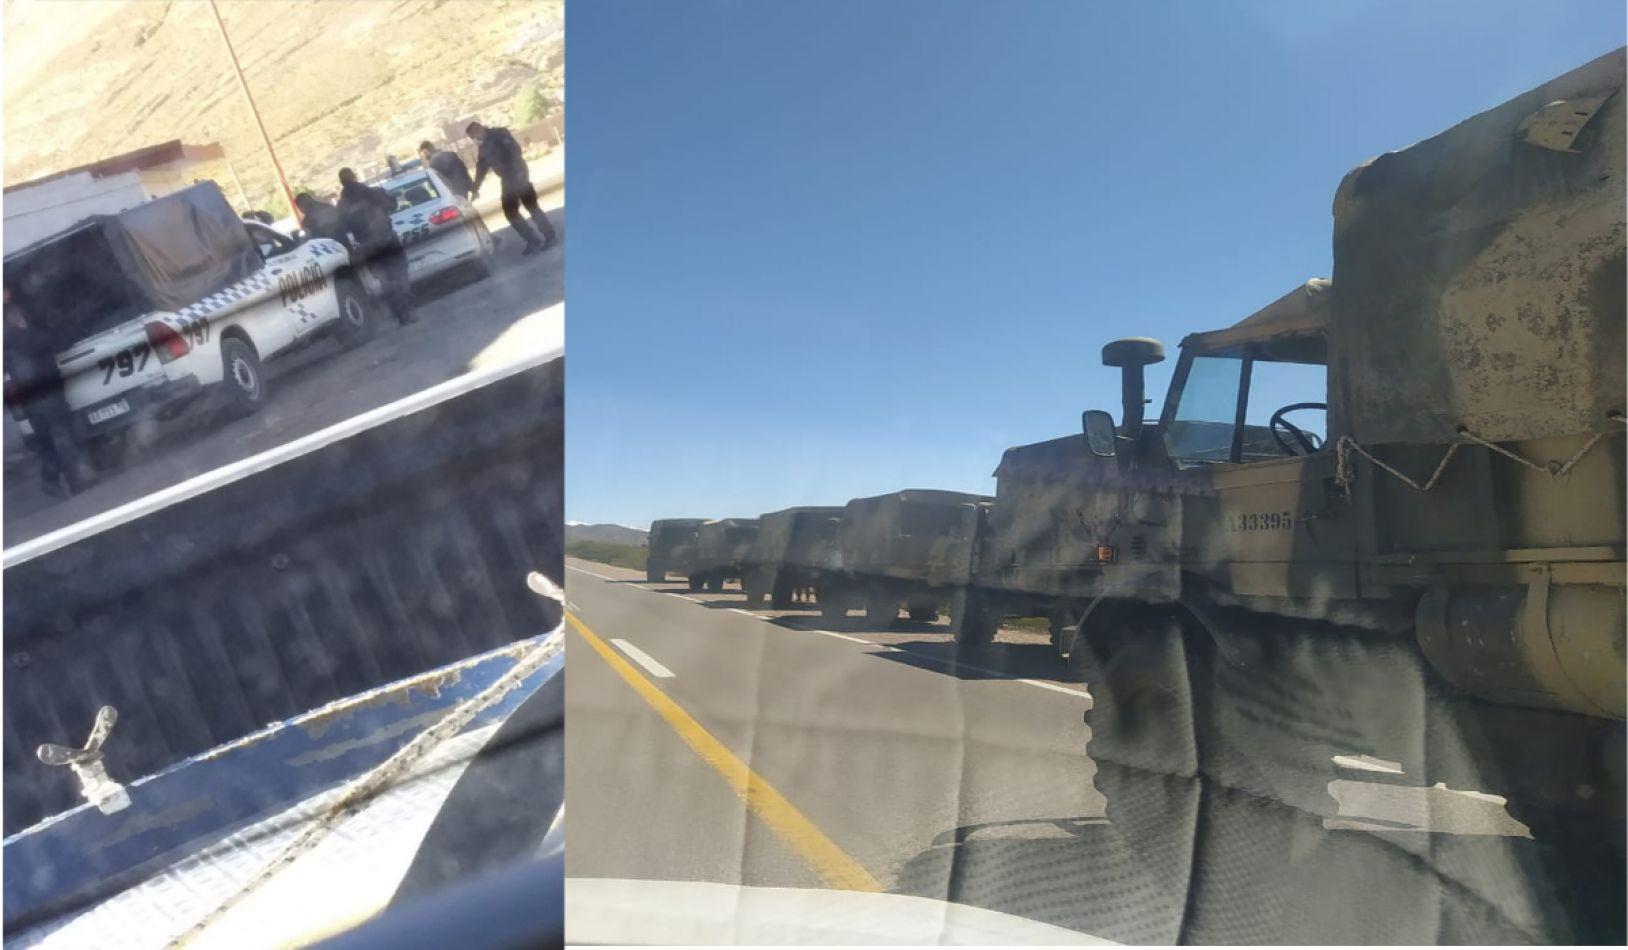 Inusitado despliegue de las fuerzas de seguridad en Mina Aguilar